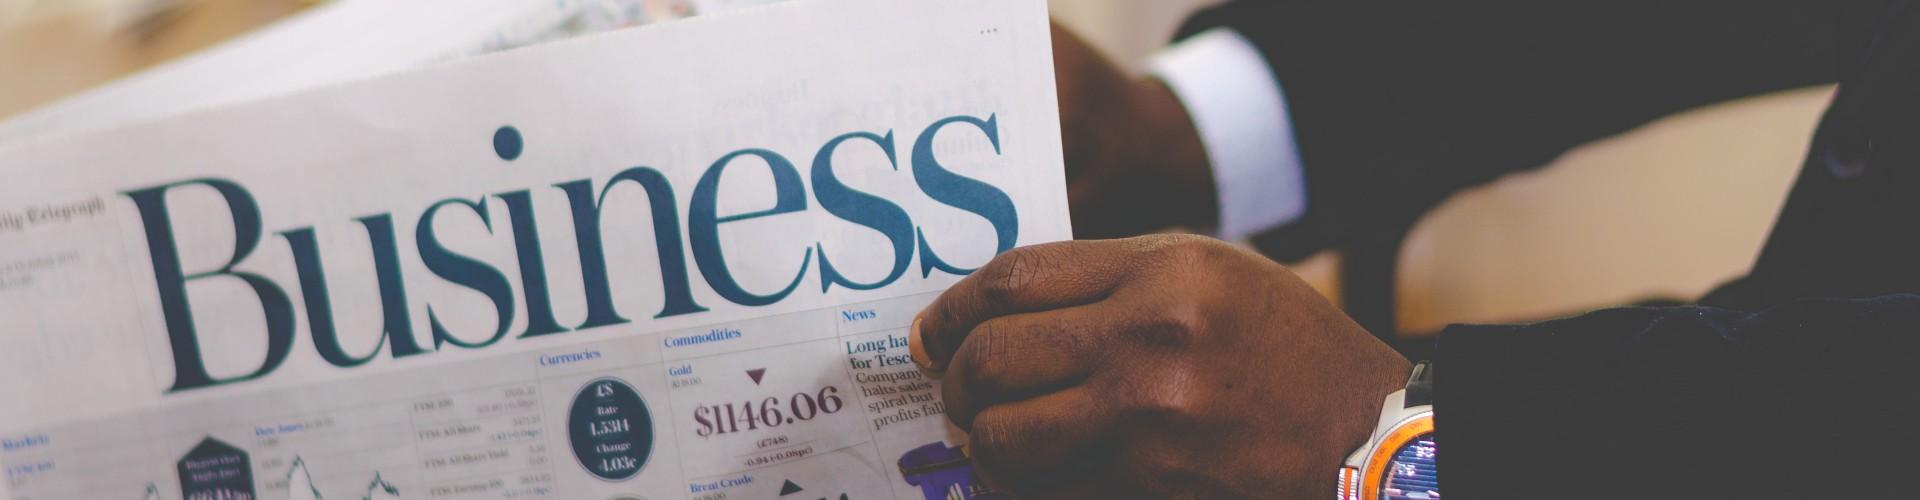 Black business_zwarte ondernemerschap_financiële bewustzijn